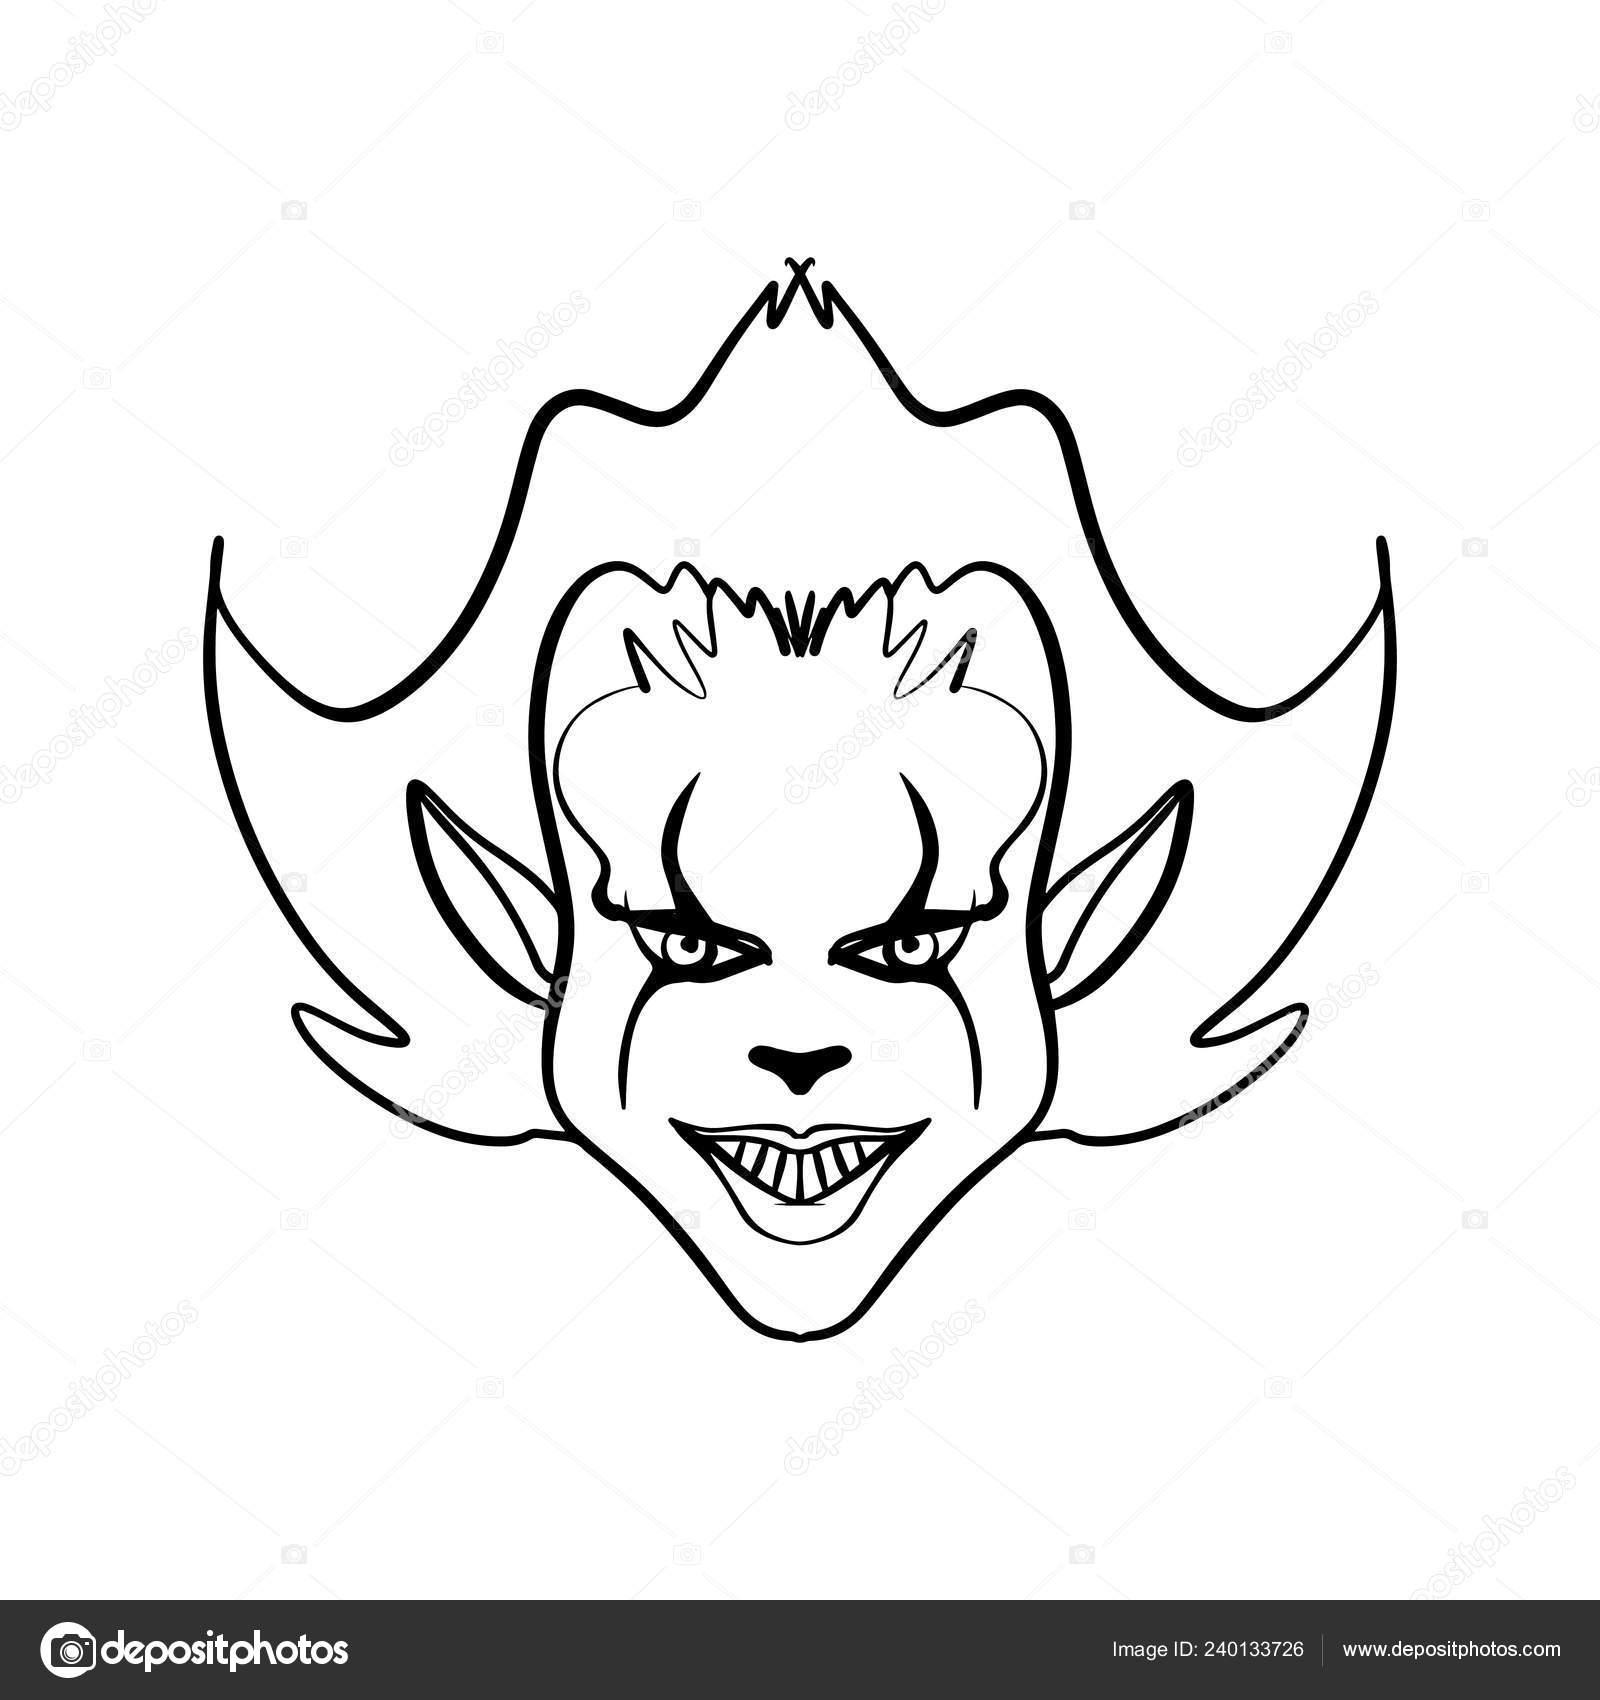 Maschere Di Halloween Da Colorare.Arte Del Clown Malvagio Orribile Illustrazione Maschera Halloween